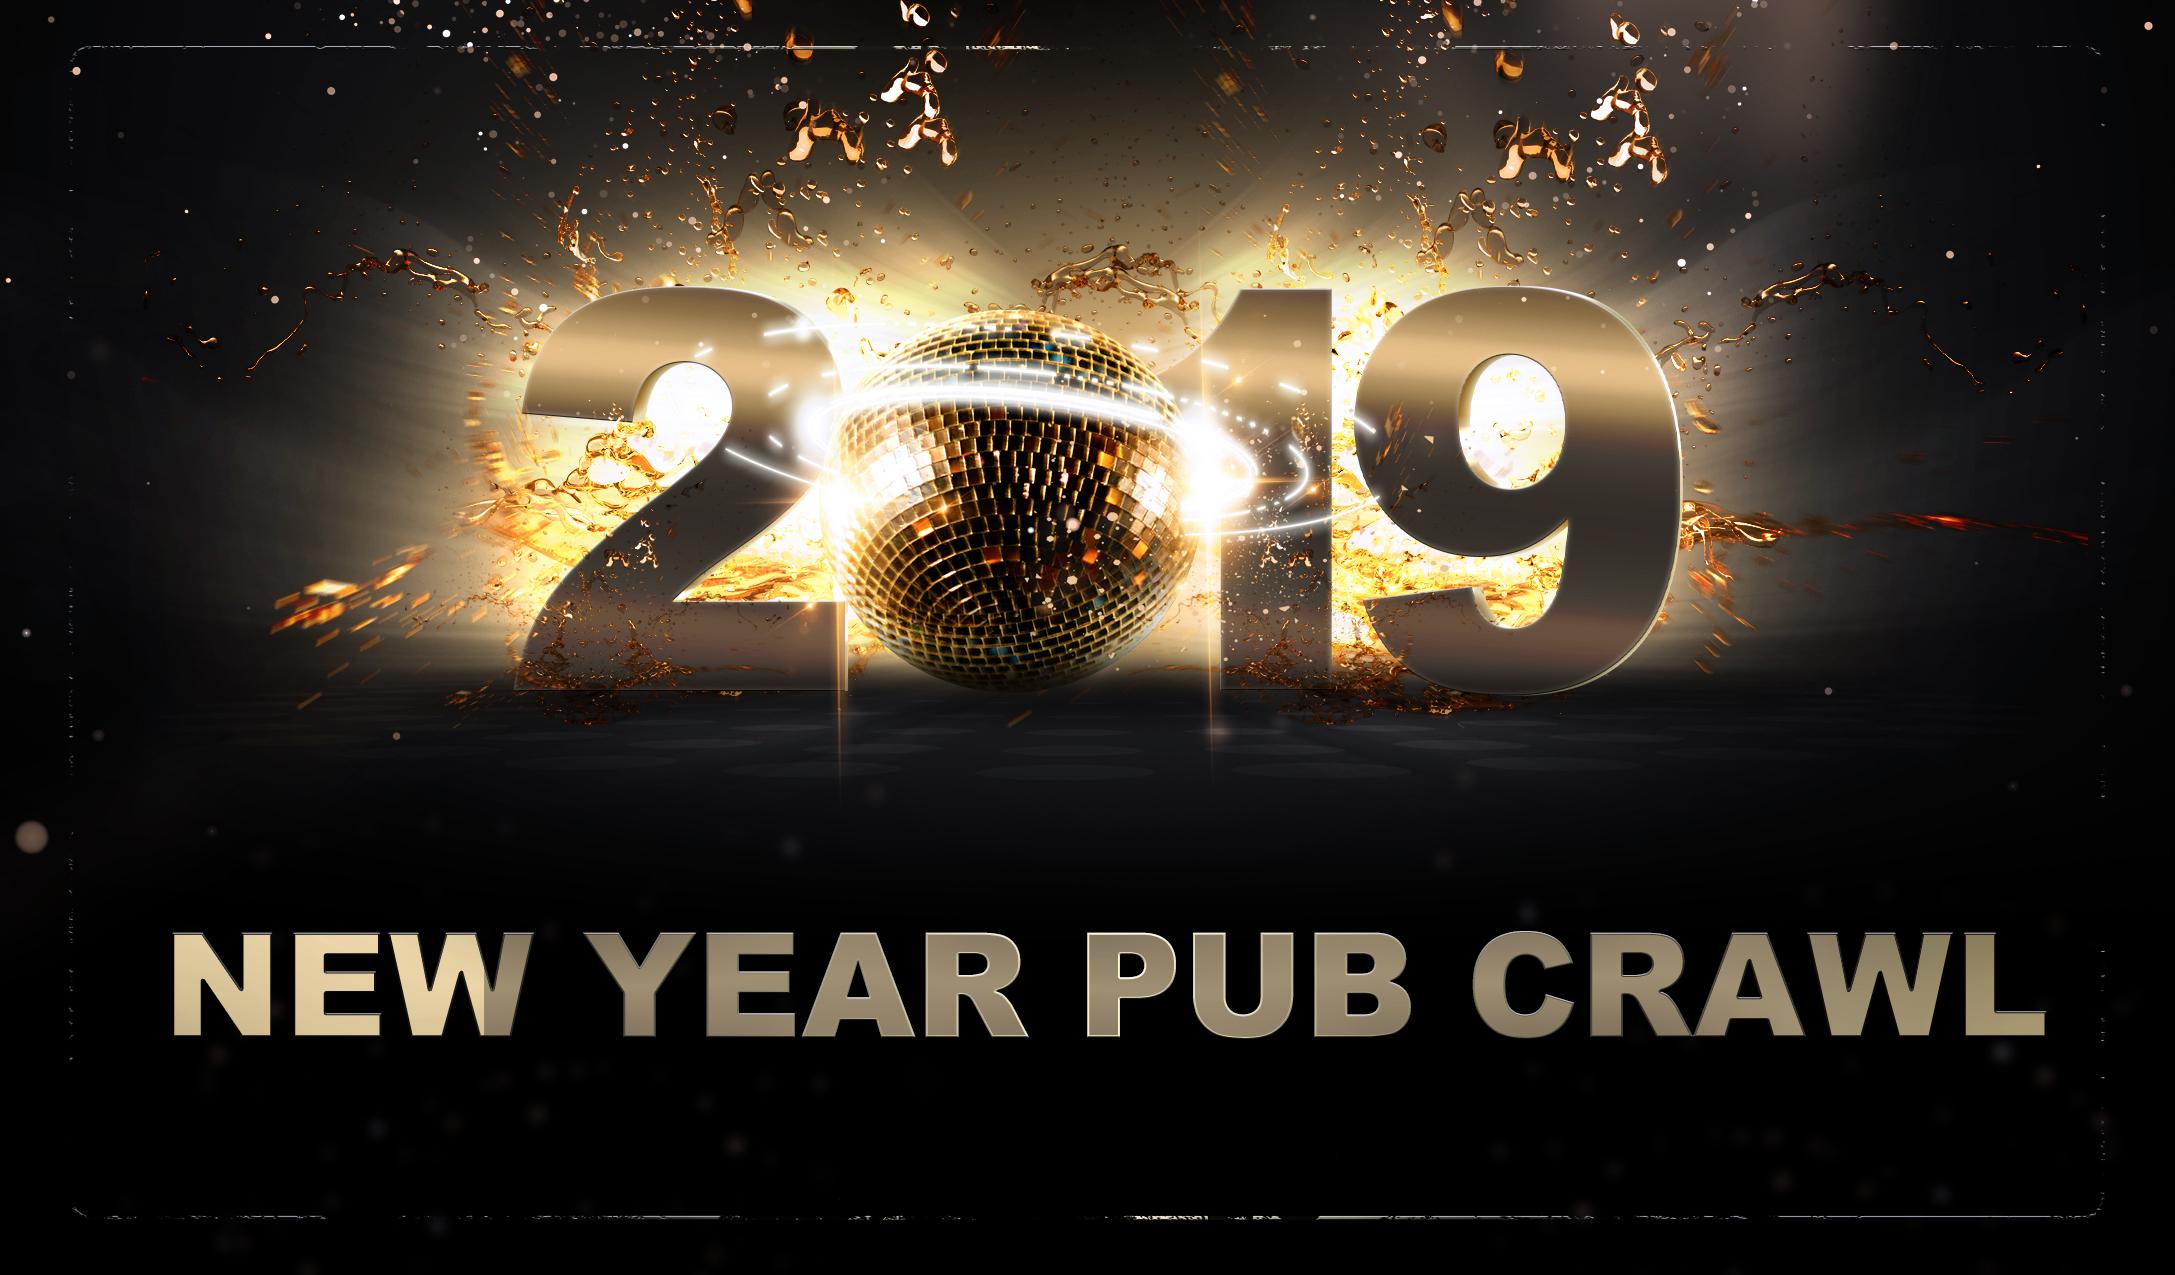 New Year Pub Crawl